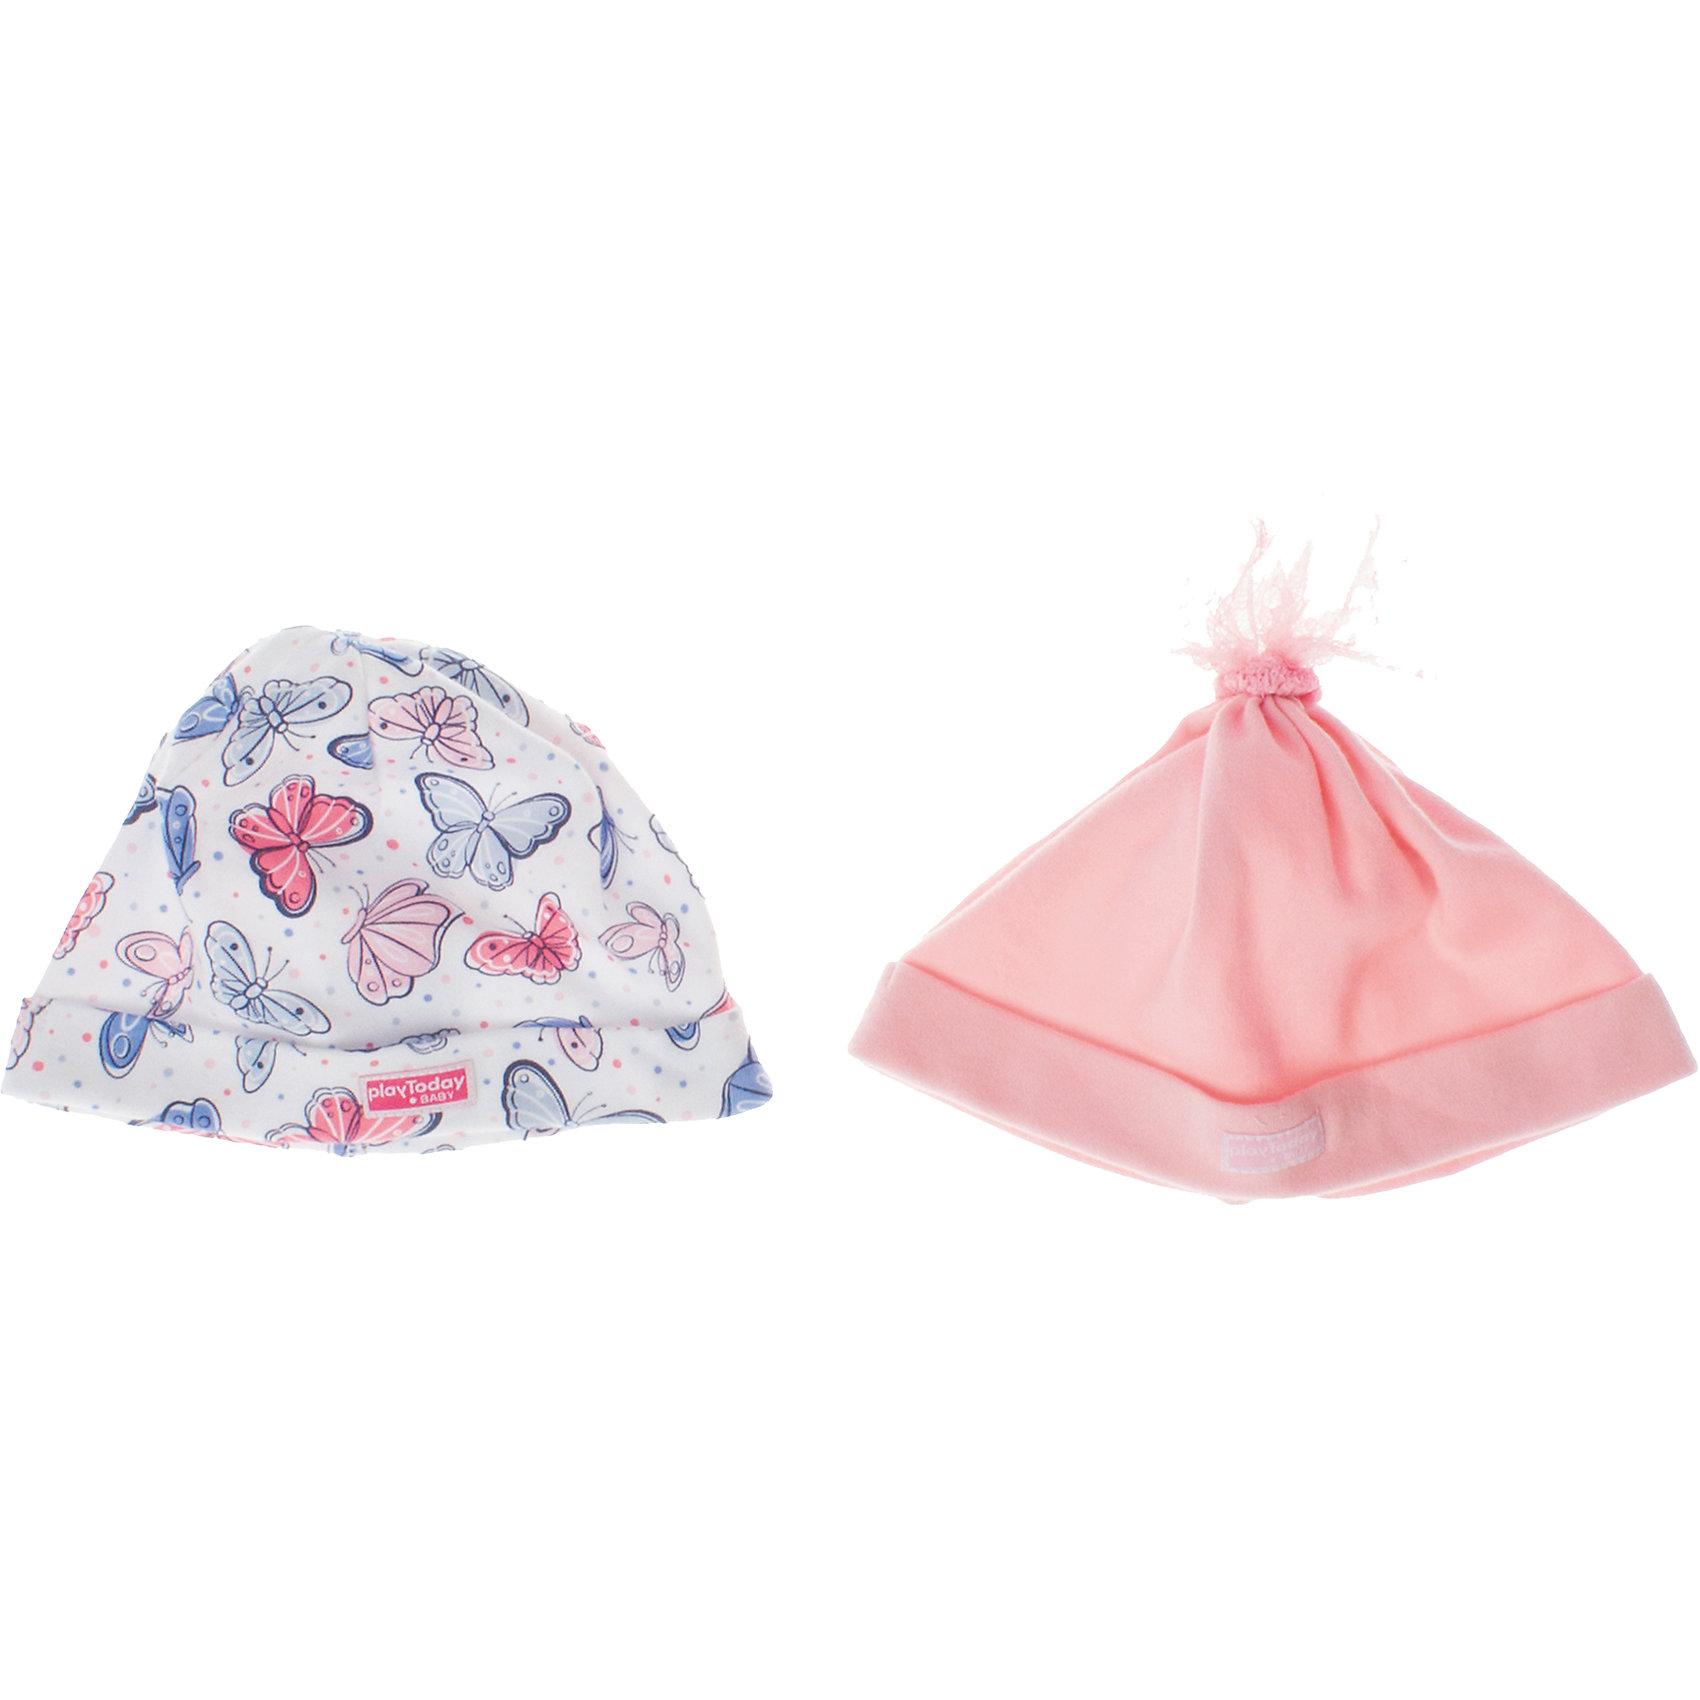 Шапочка (2 шт.) для девочки PlayTodayШапочка для девочки PlayToday <br><br>Состав: 100% хлопок <br><br>Комплект из двух шапочек для малышки. <br>Нежно-розовый цвет, ткань в набивку с нежными бабочками. <br>Есть отвороты.<br><br>Ширина мм: 89<br>Глубина мм: 117<br>Высота мм: 44<br>Вес г: 155<br>Цвет: розовый<br>Возраст от месяцев: 6<br>Возраст до месяцев: 12<br>Пол: Женский<br>Возраст: Детский<br>Размер: 44,40,42<br>SKU: 4503321